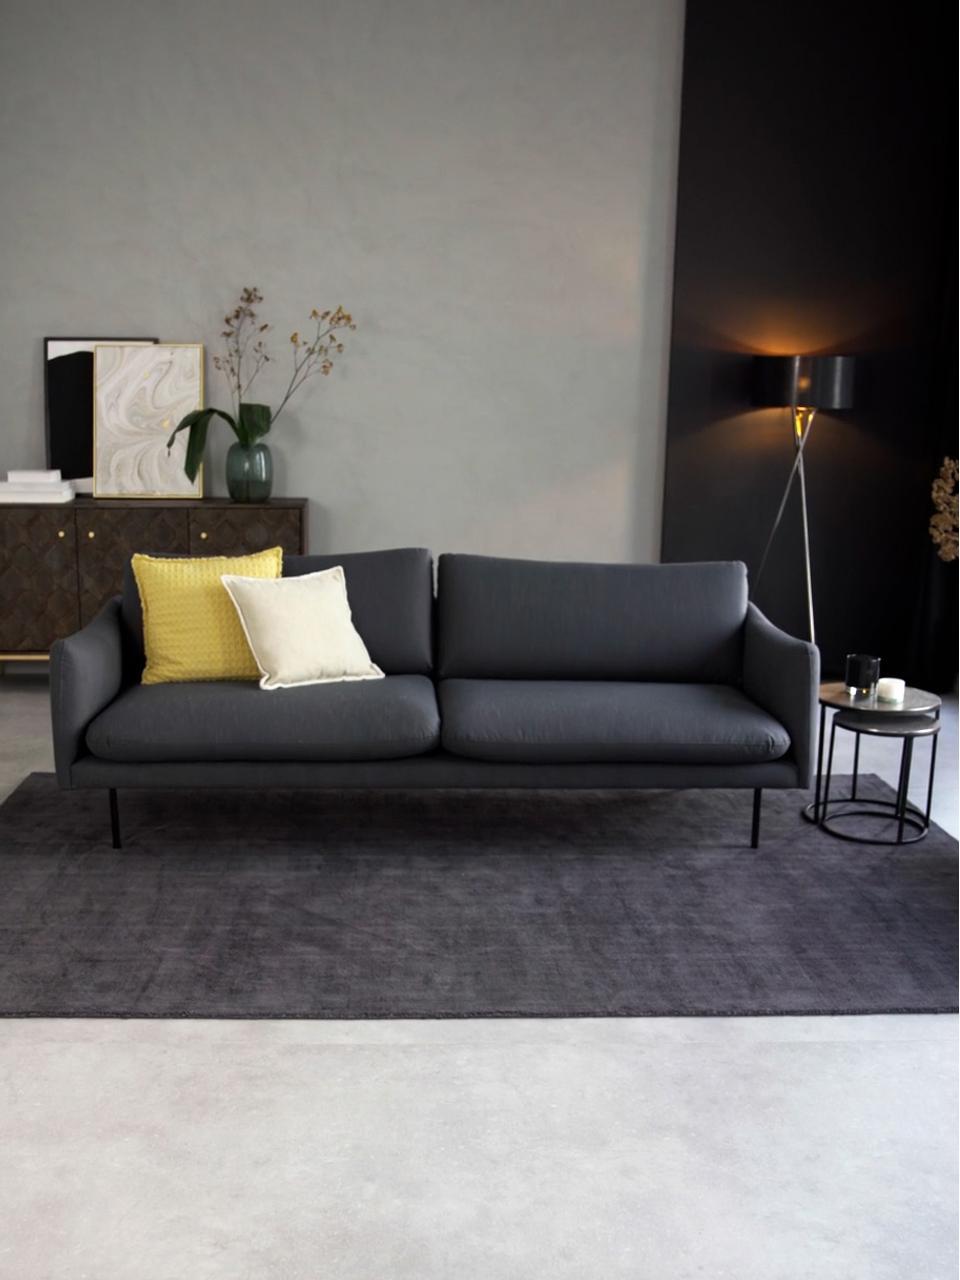 Sofa Moby (3-Sitzer) in Dunkelgrau mit Metall-Füßen, Bezug: Polyester Der hochwertige, Gestell: Massives Kiefernholz, Füße: Metall, pulverbeschichtet, Webstoff Dunkelgrau, B 220 x T 95 cm